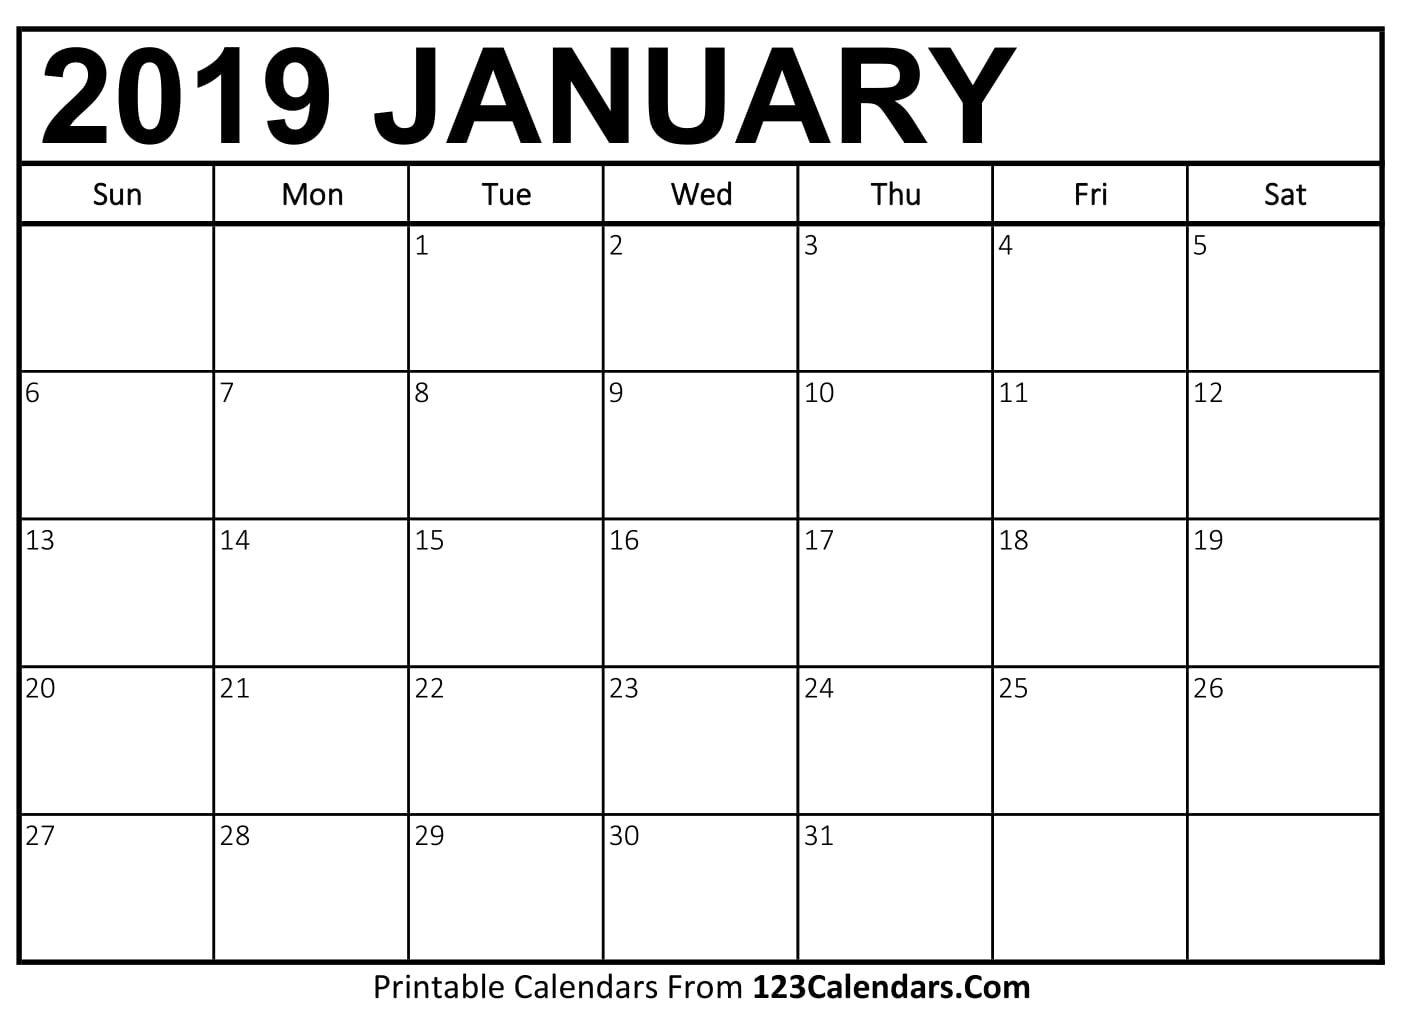 Free Printable Calendar | 123Calendars A Calendar For January 2019